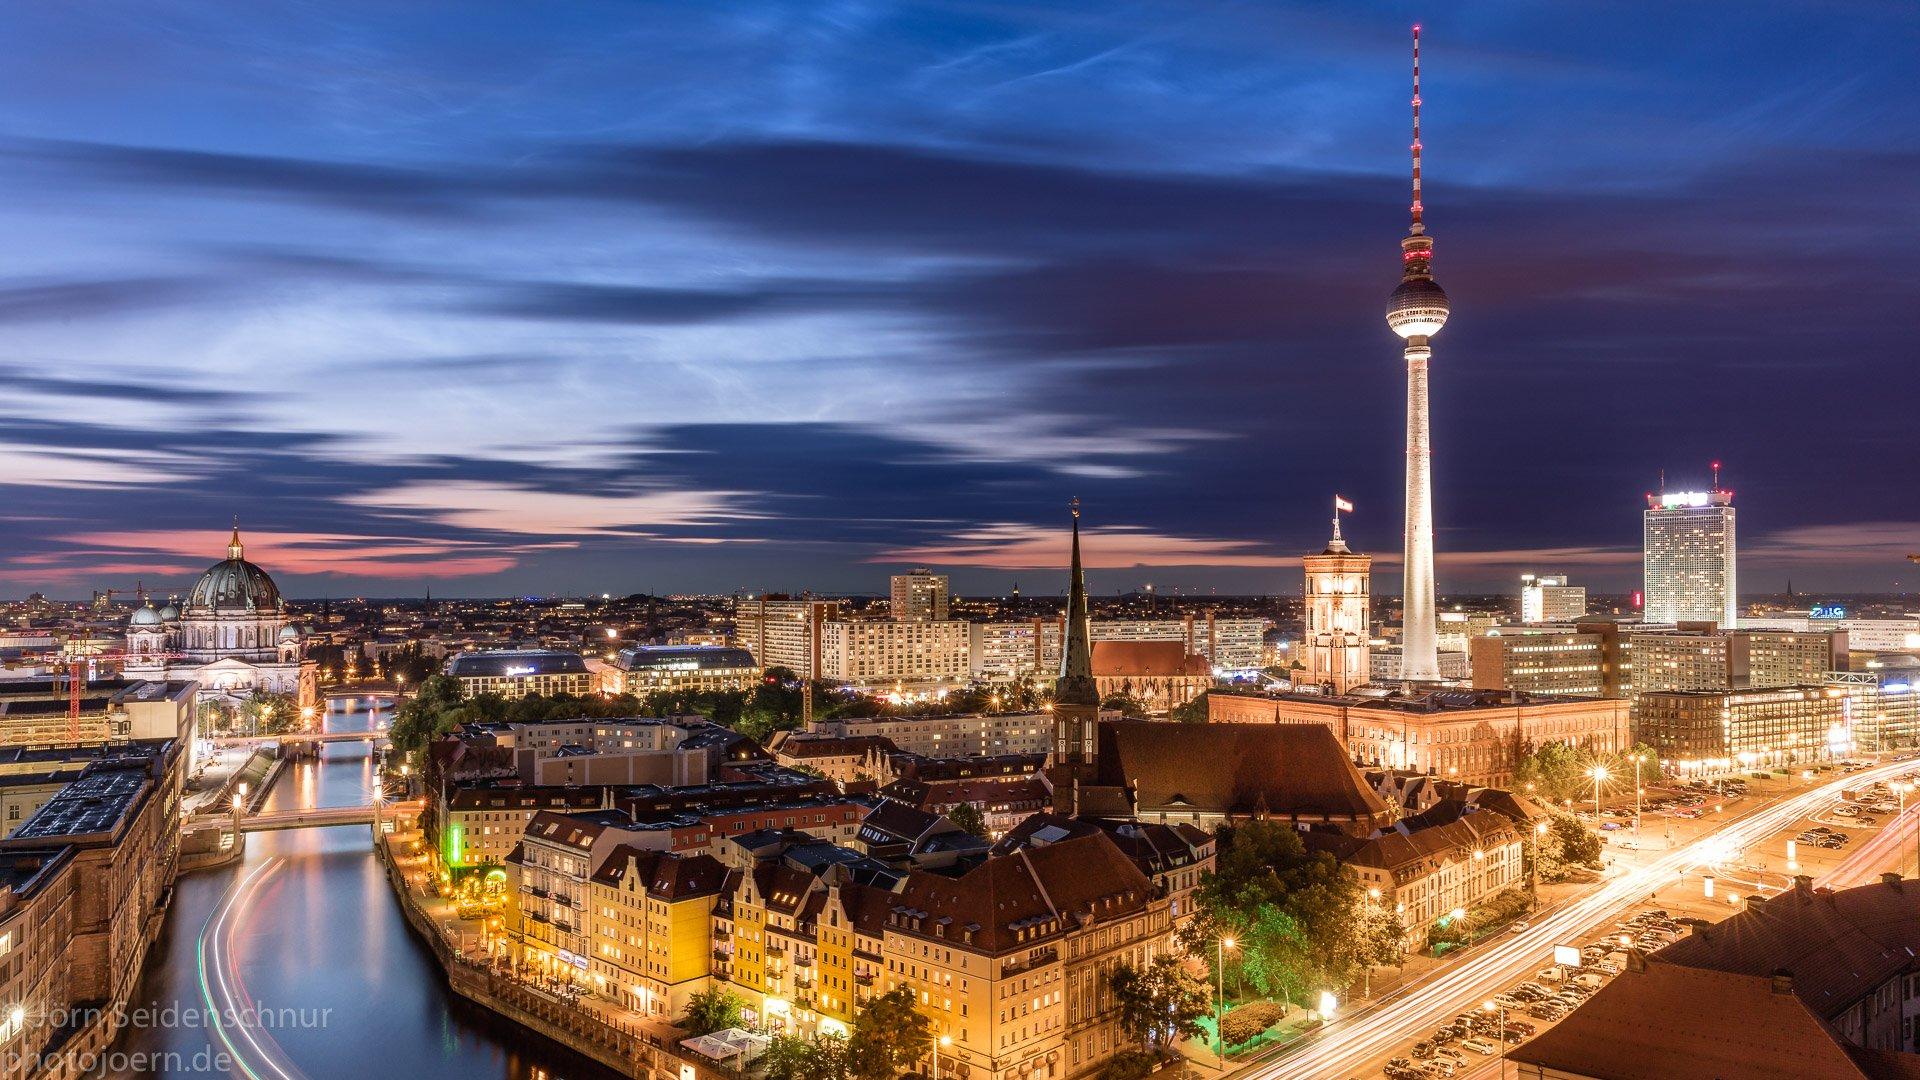 Berlin Download Wallpaper